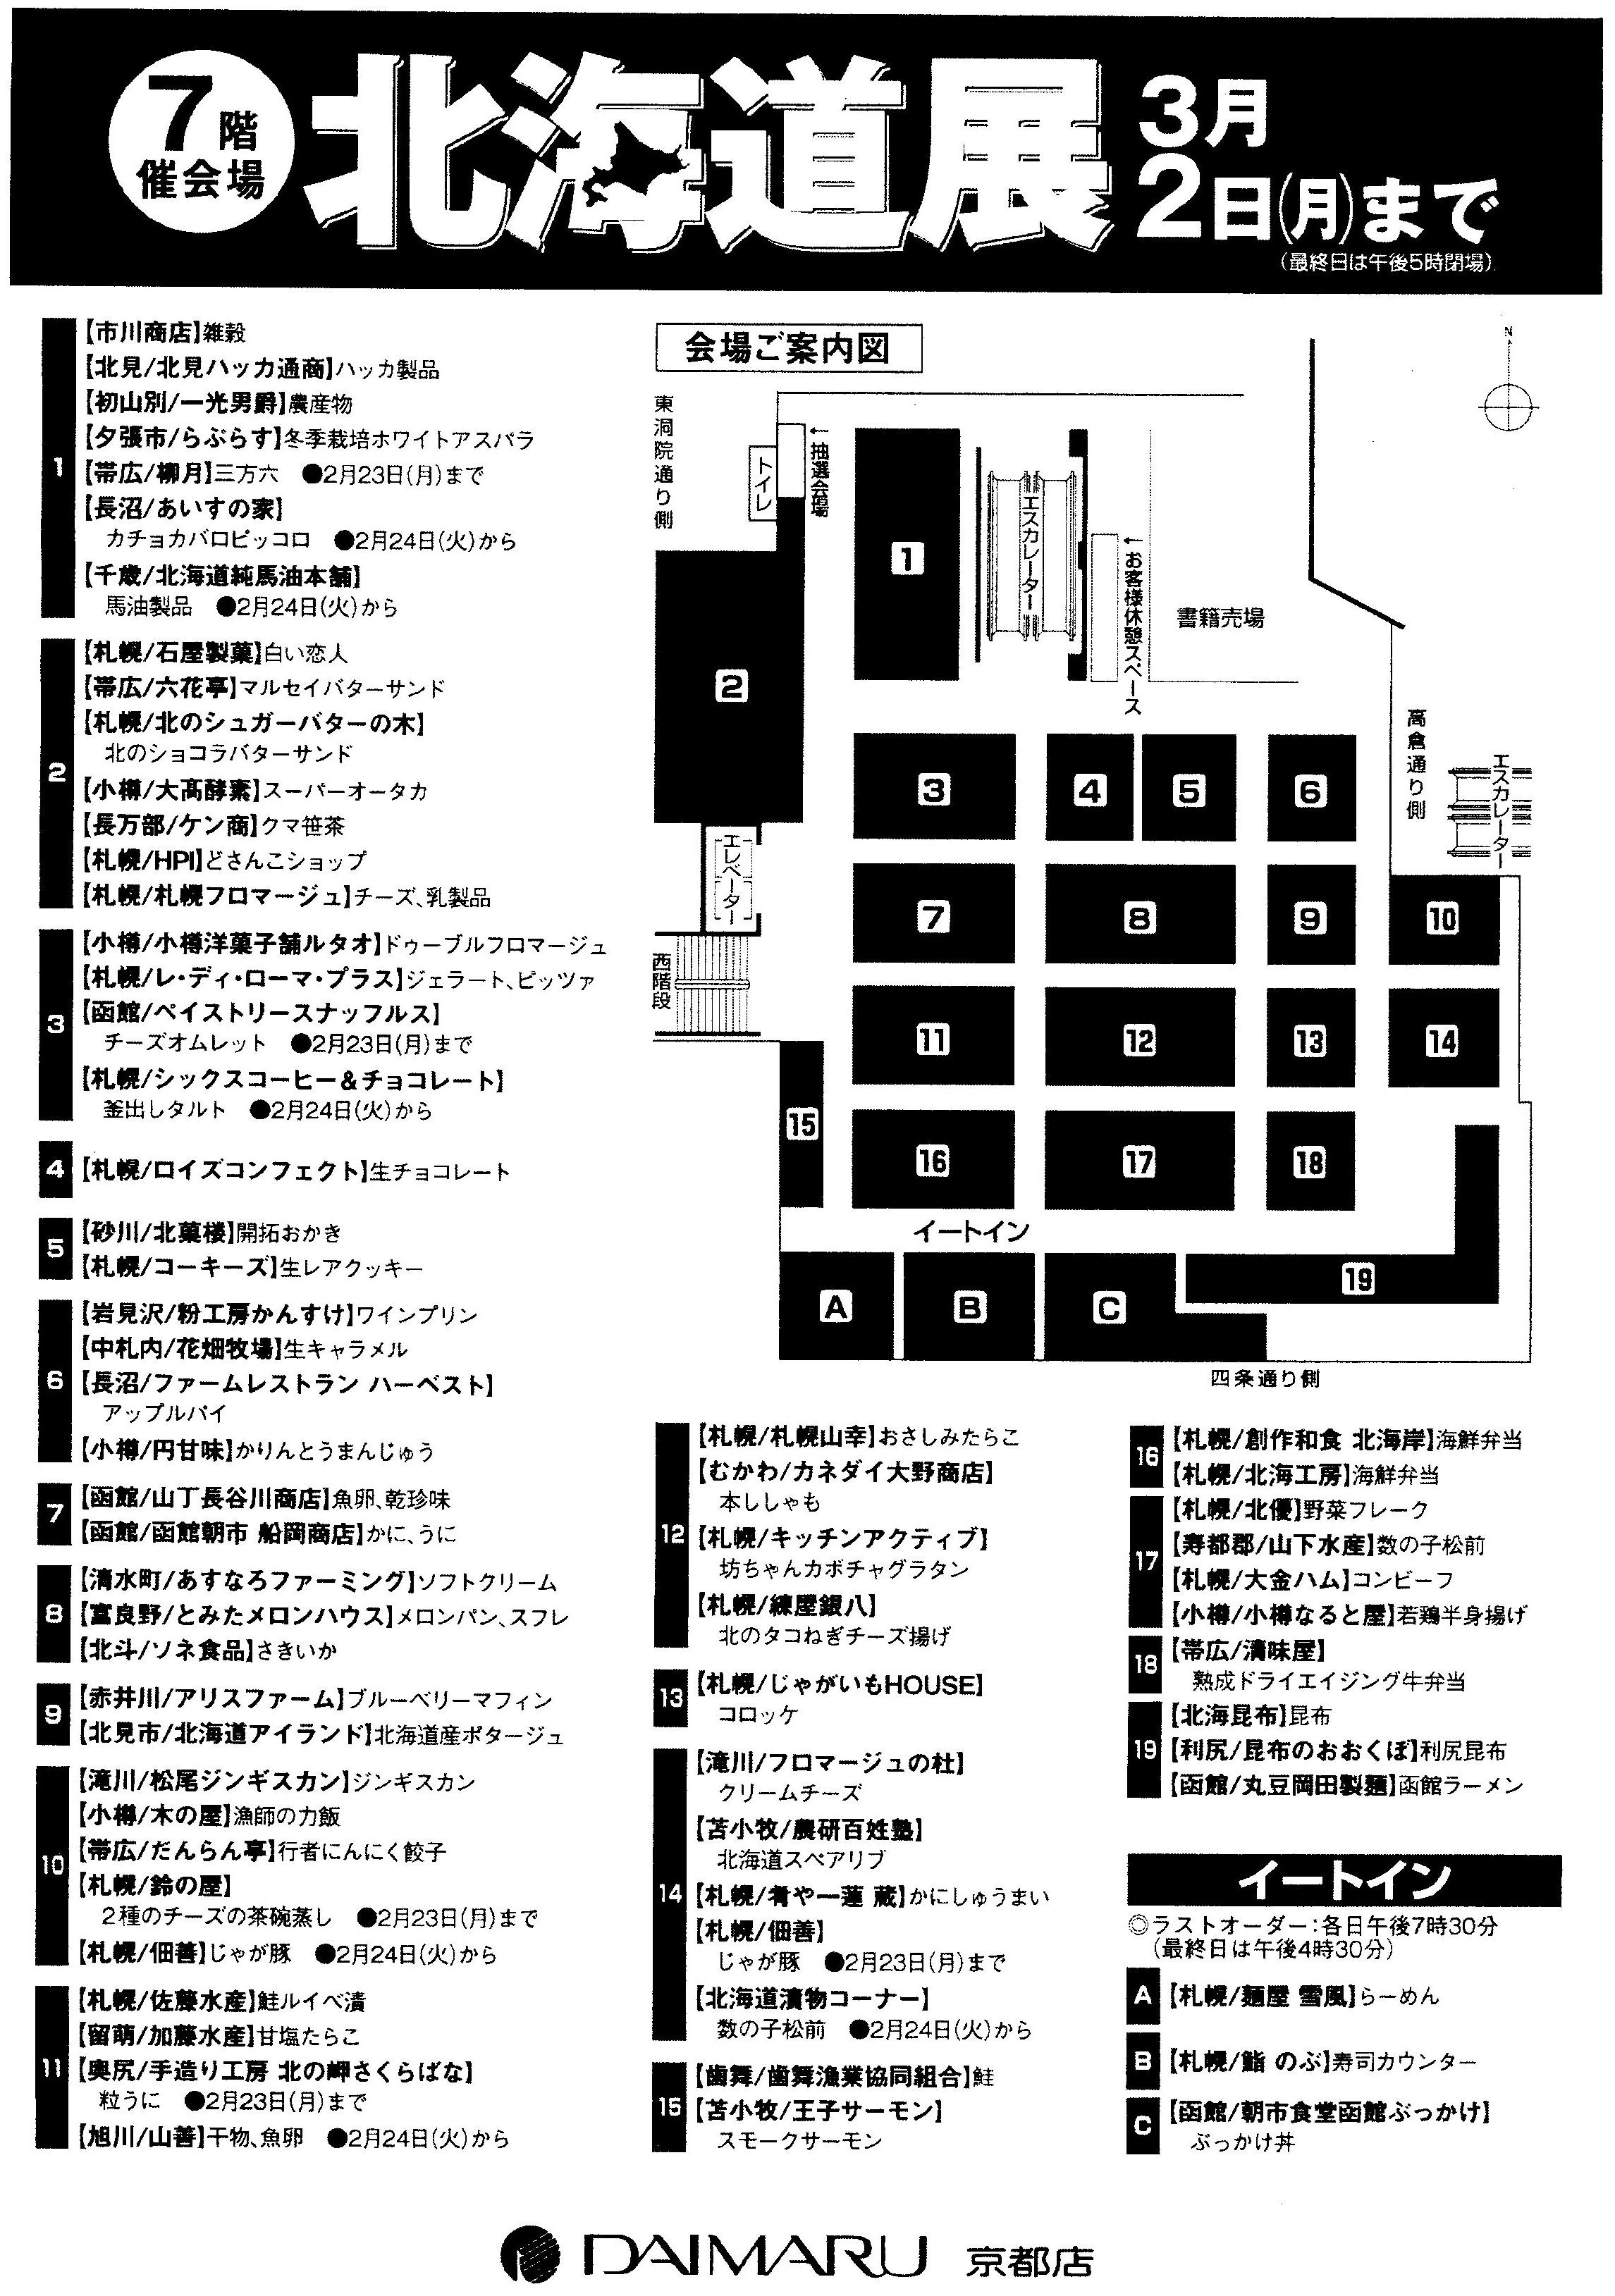 大丸北海道展201502